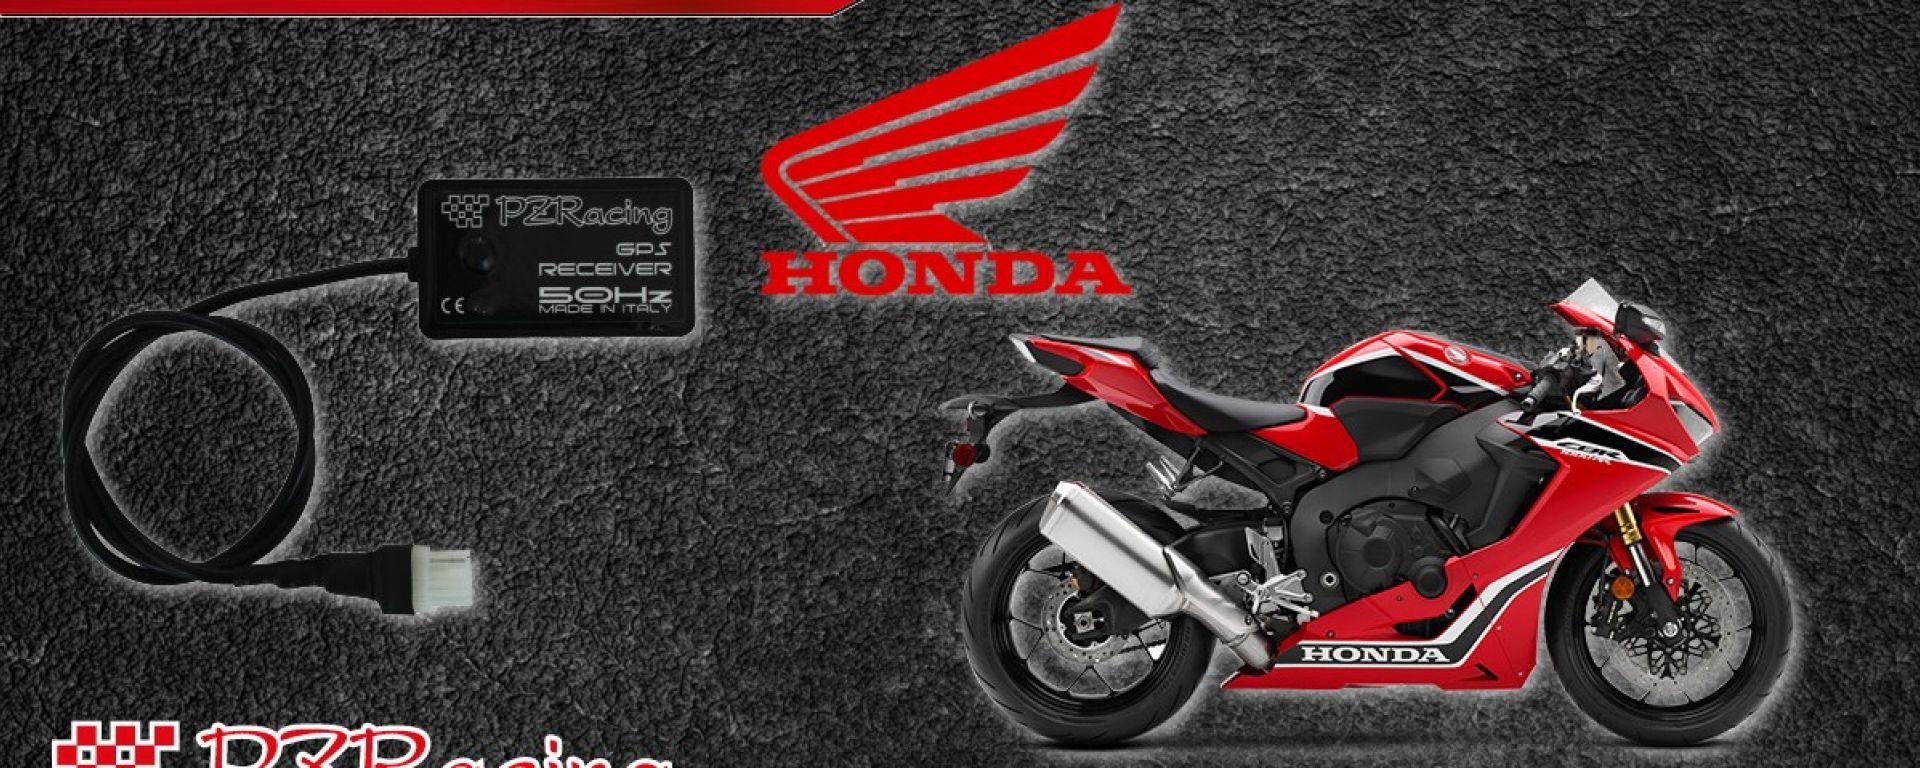 PZRacing: il LapTronic è anche per la Honda CBR 1000RR 2017